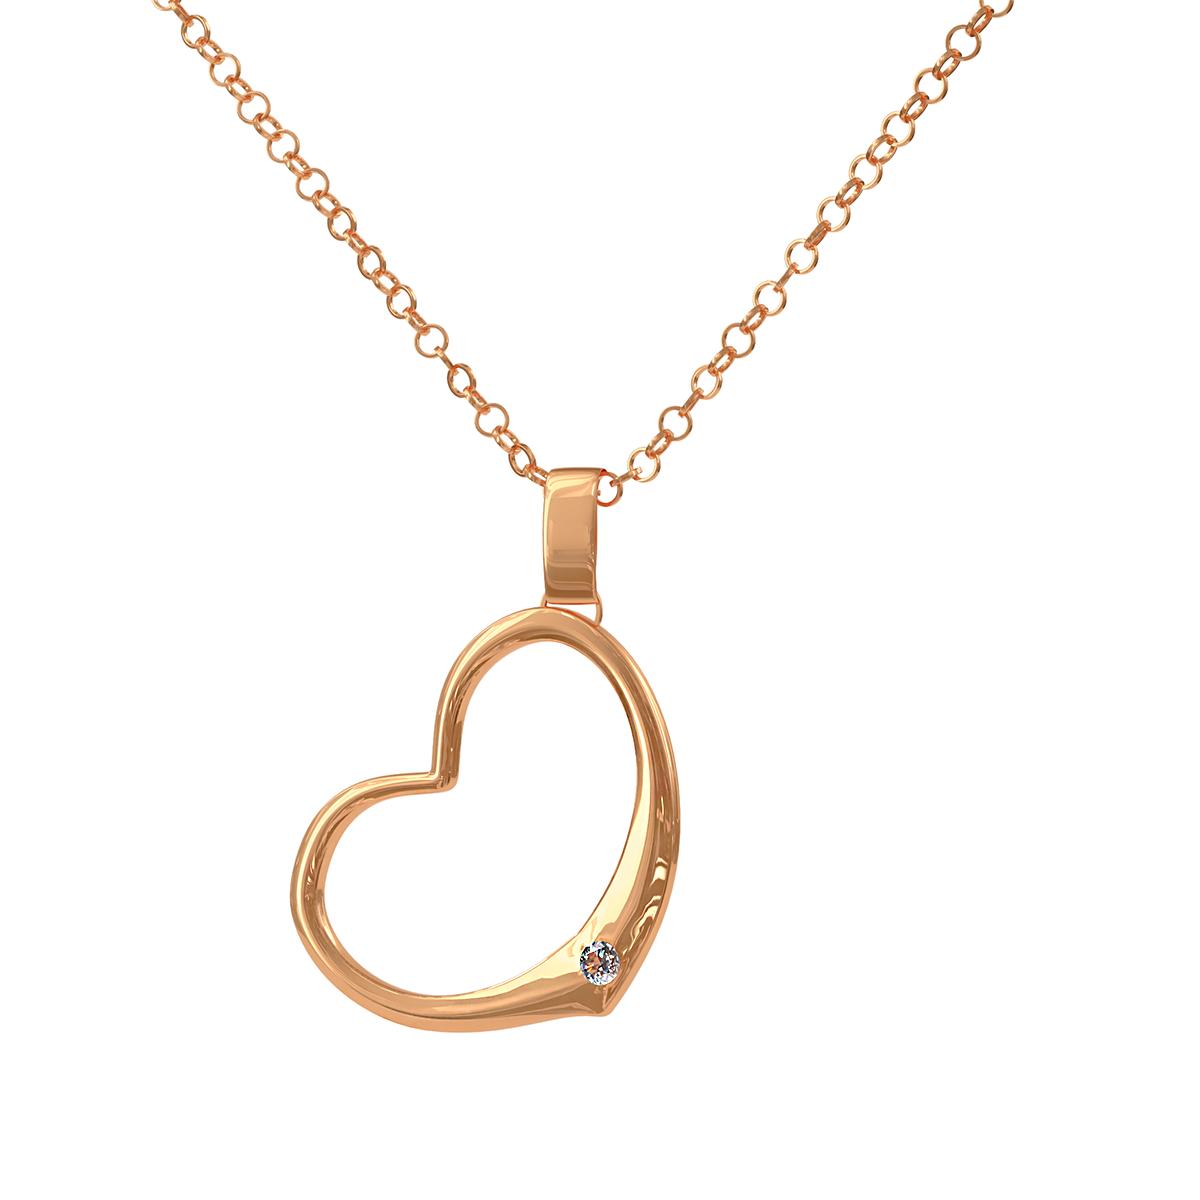 Златно колие във формата на сърце от розово злато, с инкрустиран диамант.